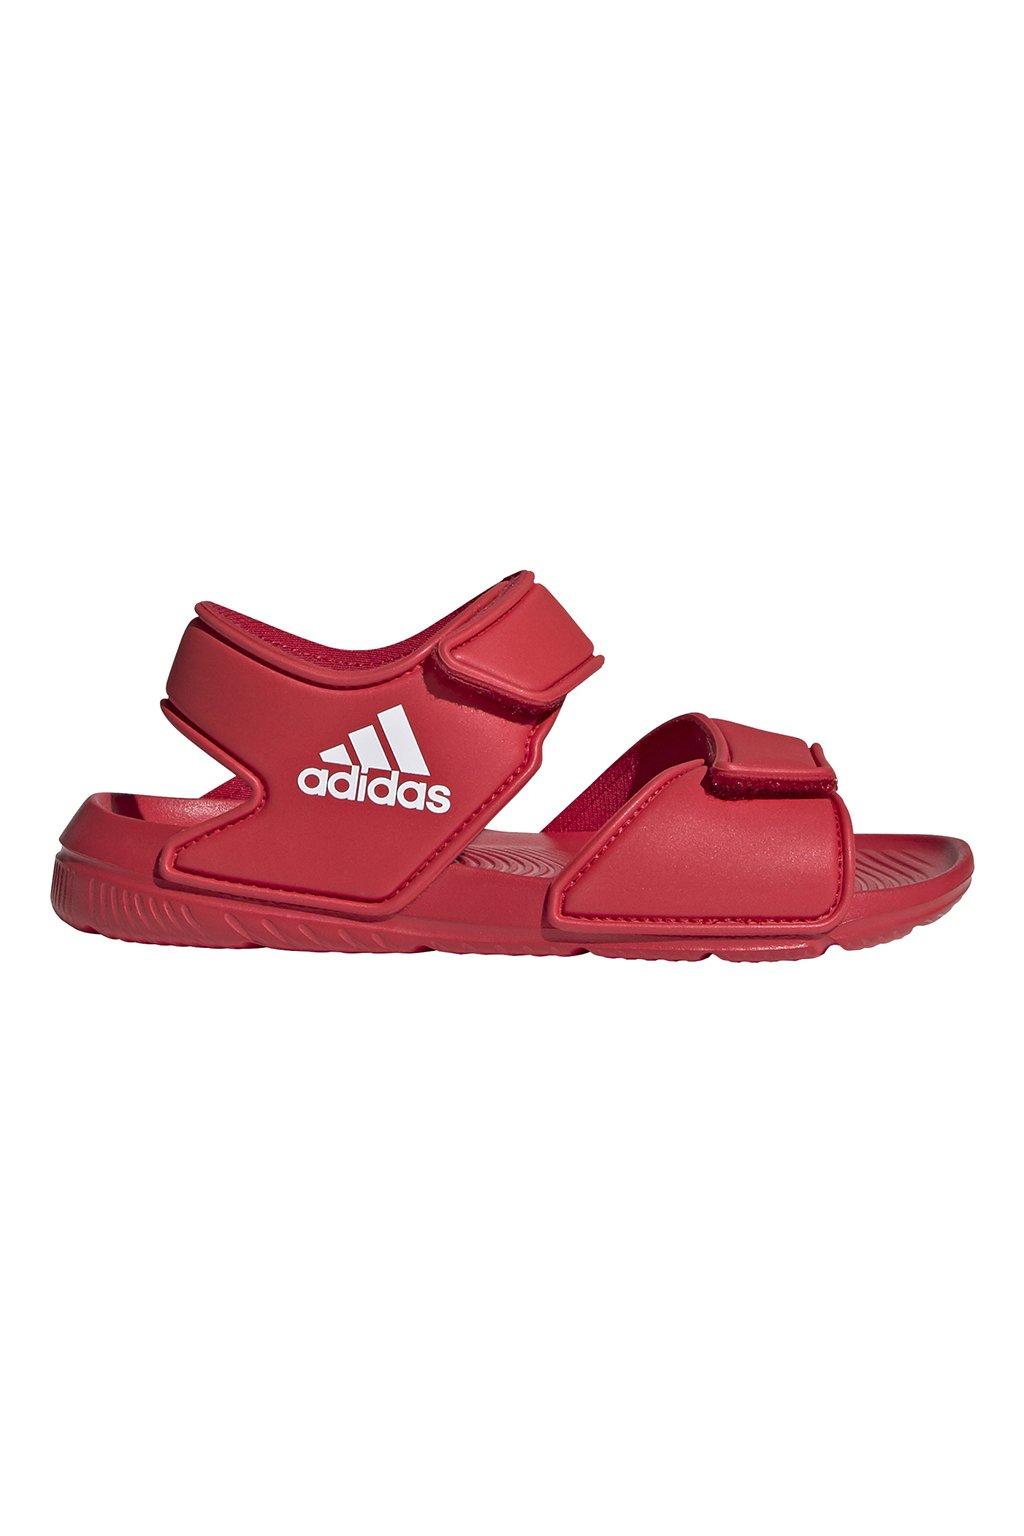 Detské sandále Adidas Altaswim C červené EG2136